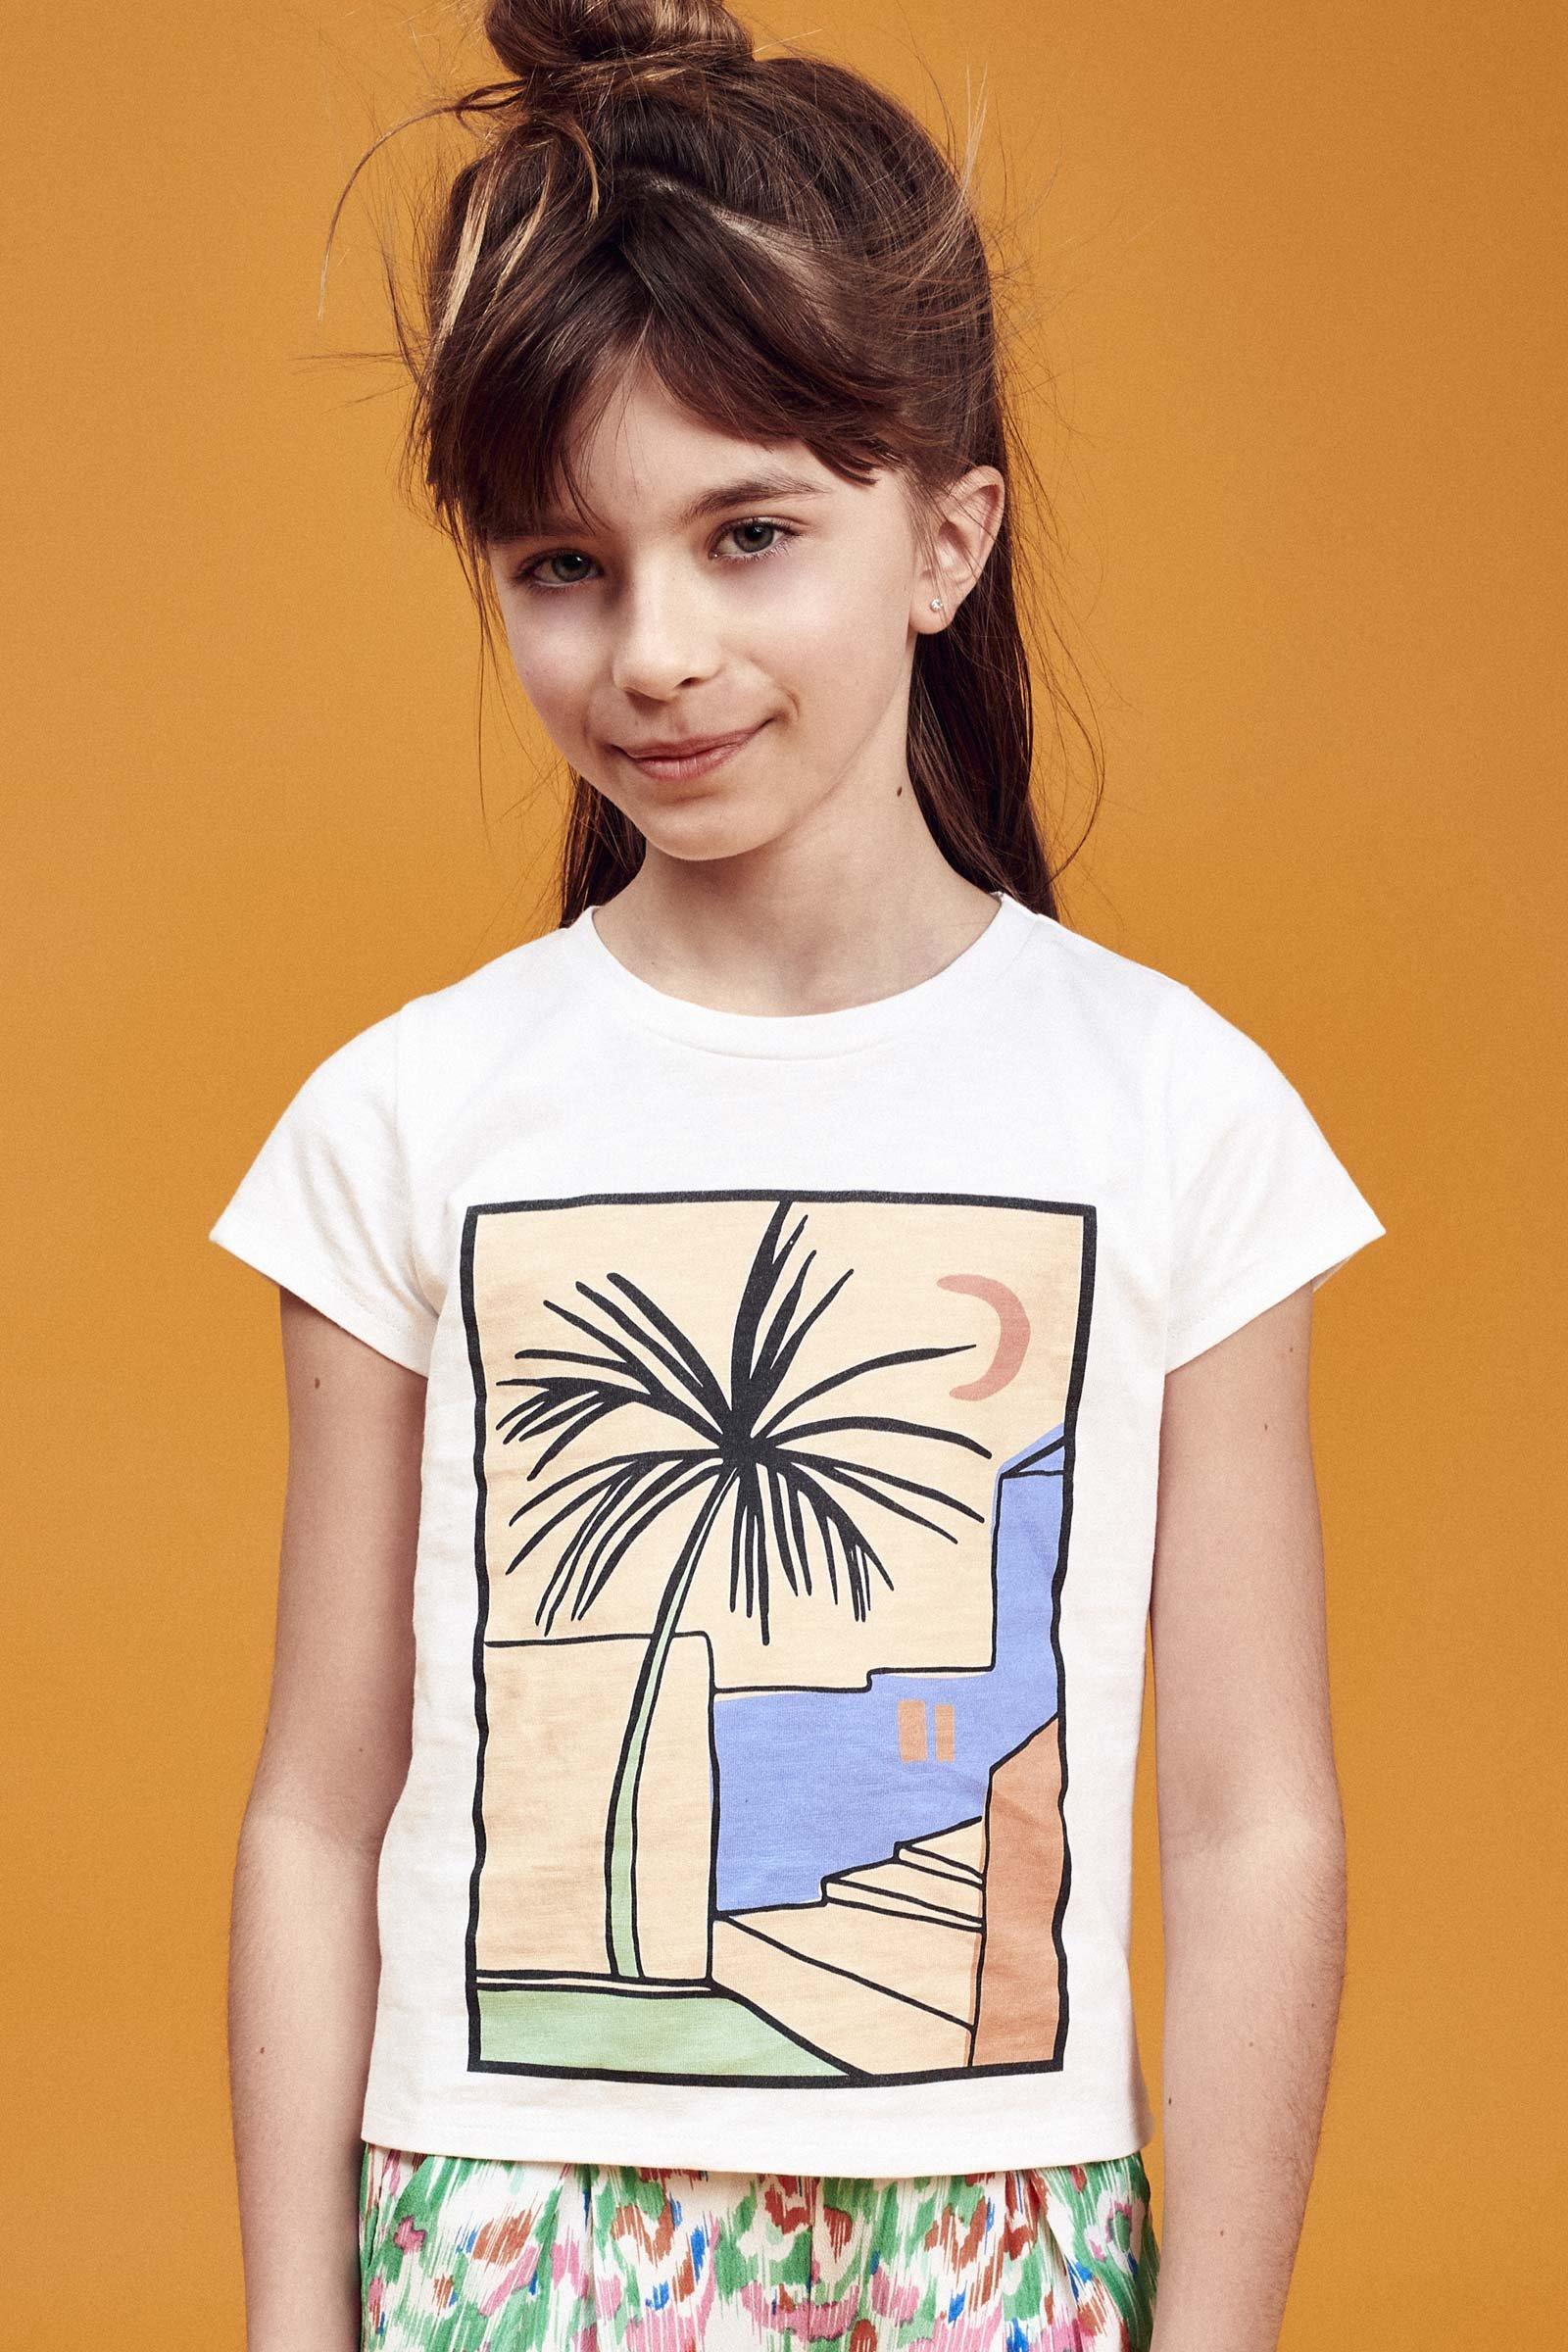 CKS Kids - WARE - t-shirt korte mouwen - wit